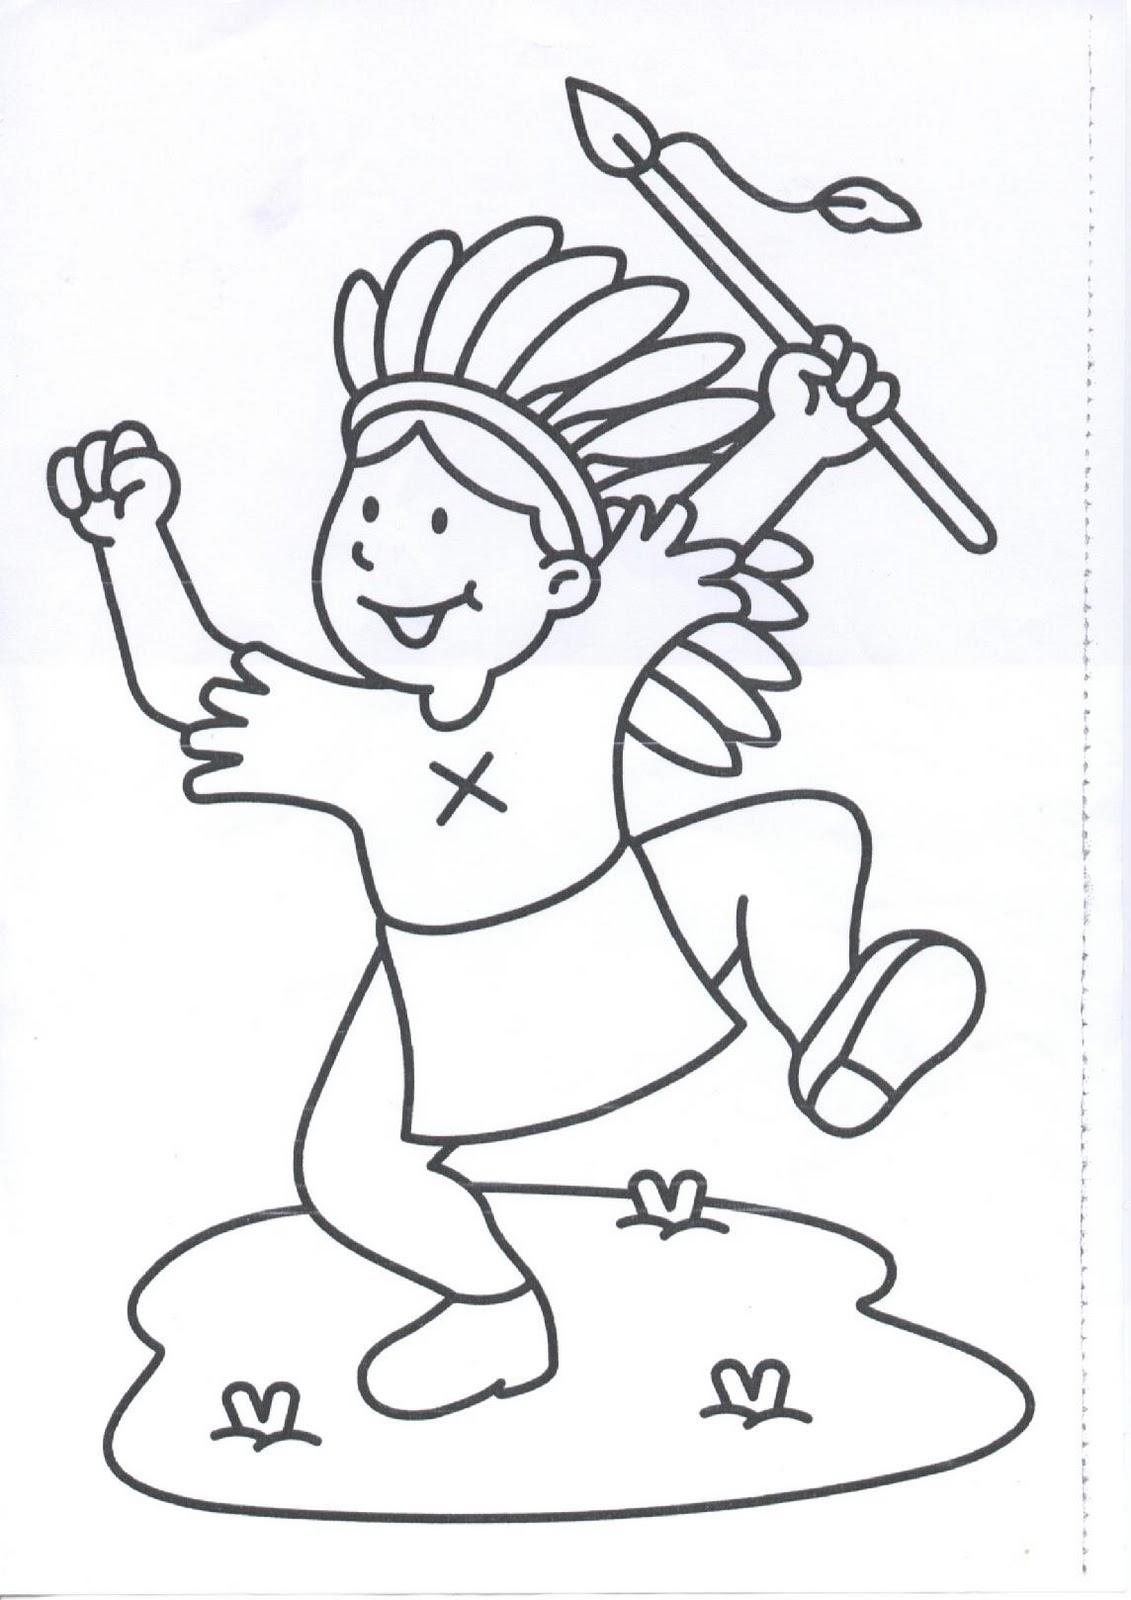 Mi colección de dibujos: Indios dibujos para colorear